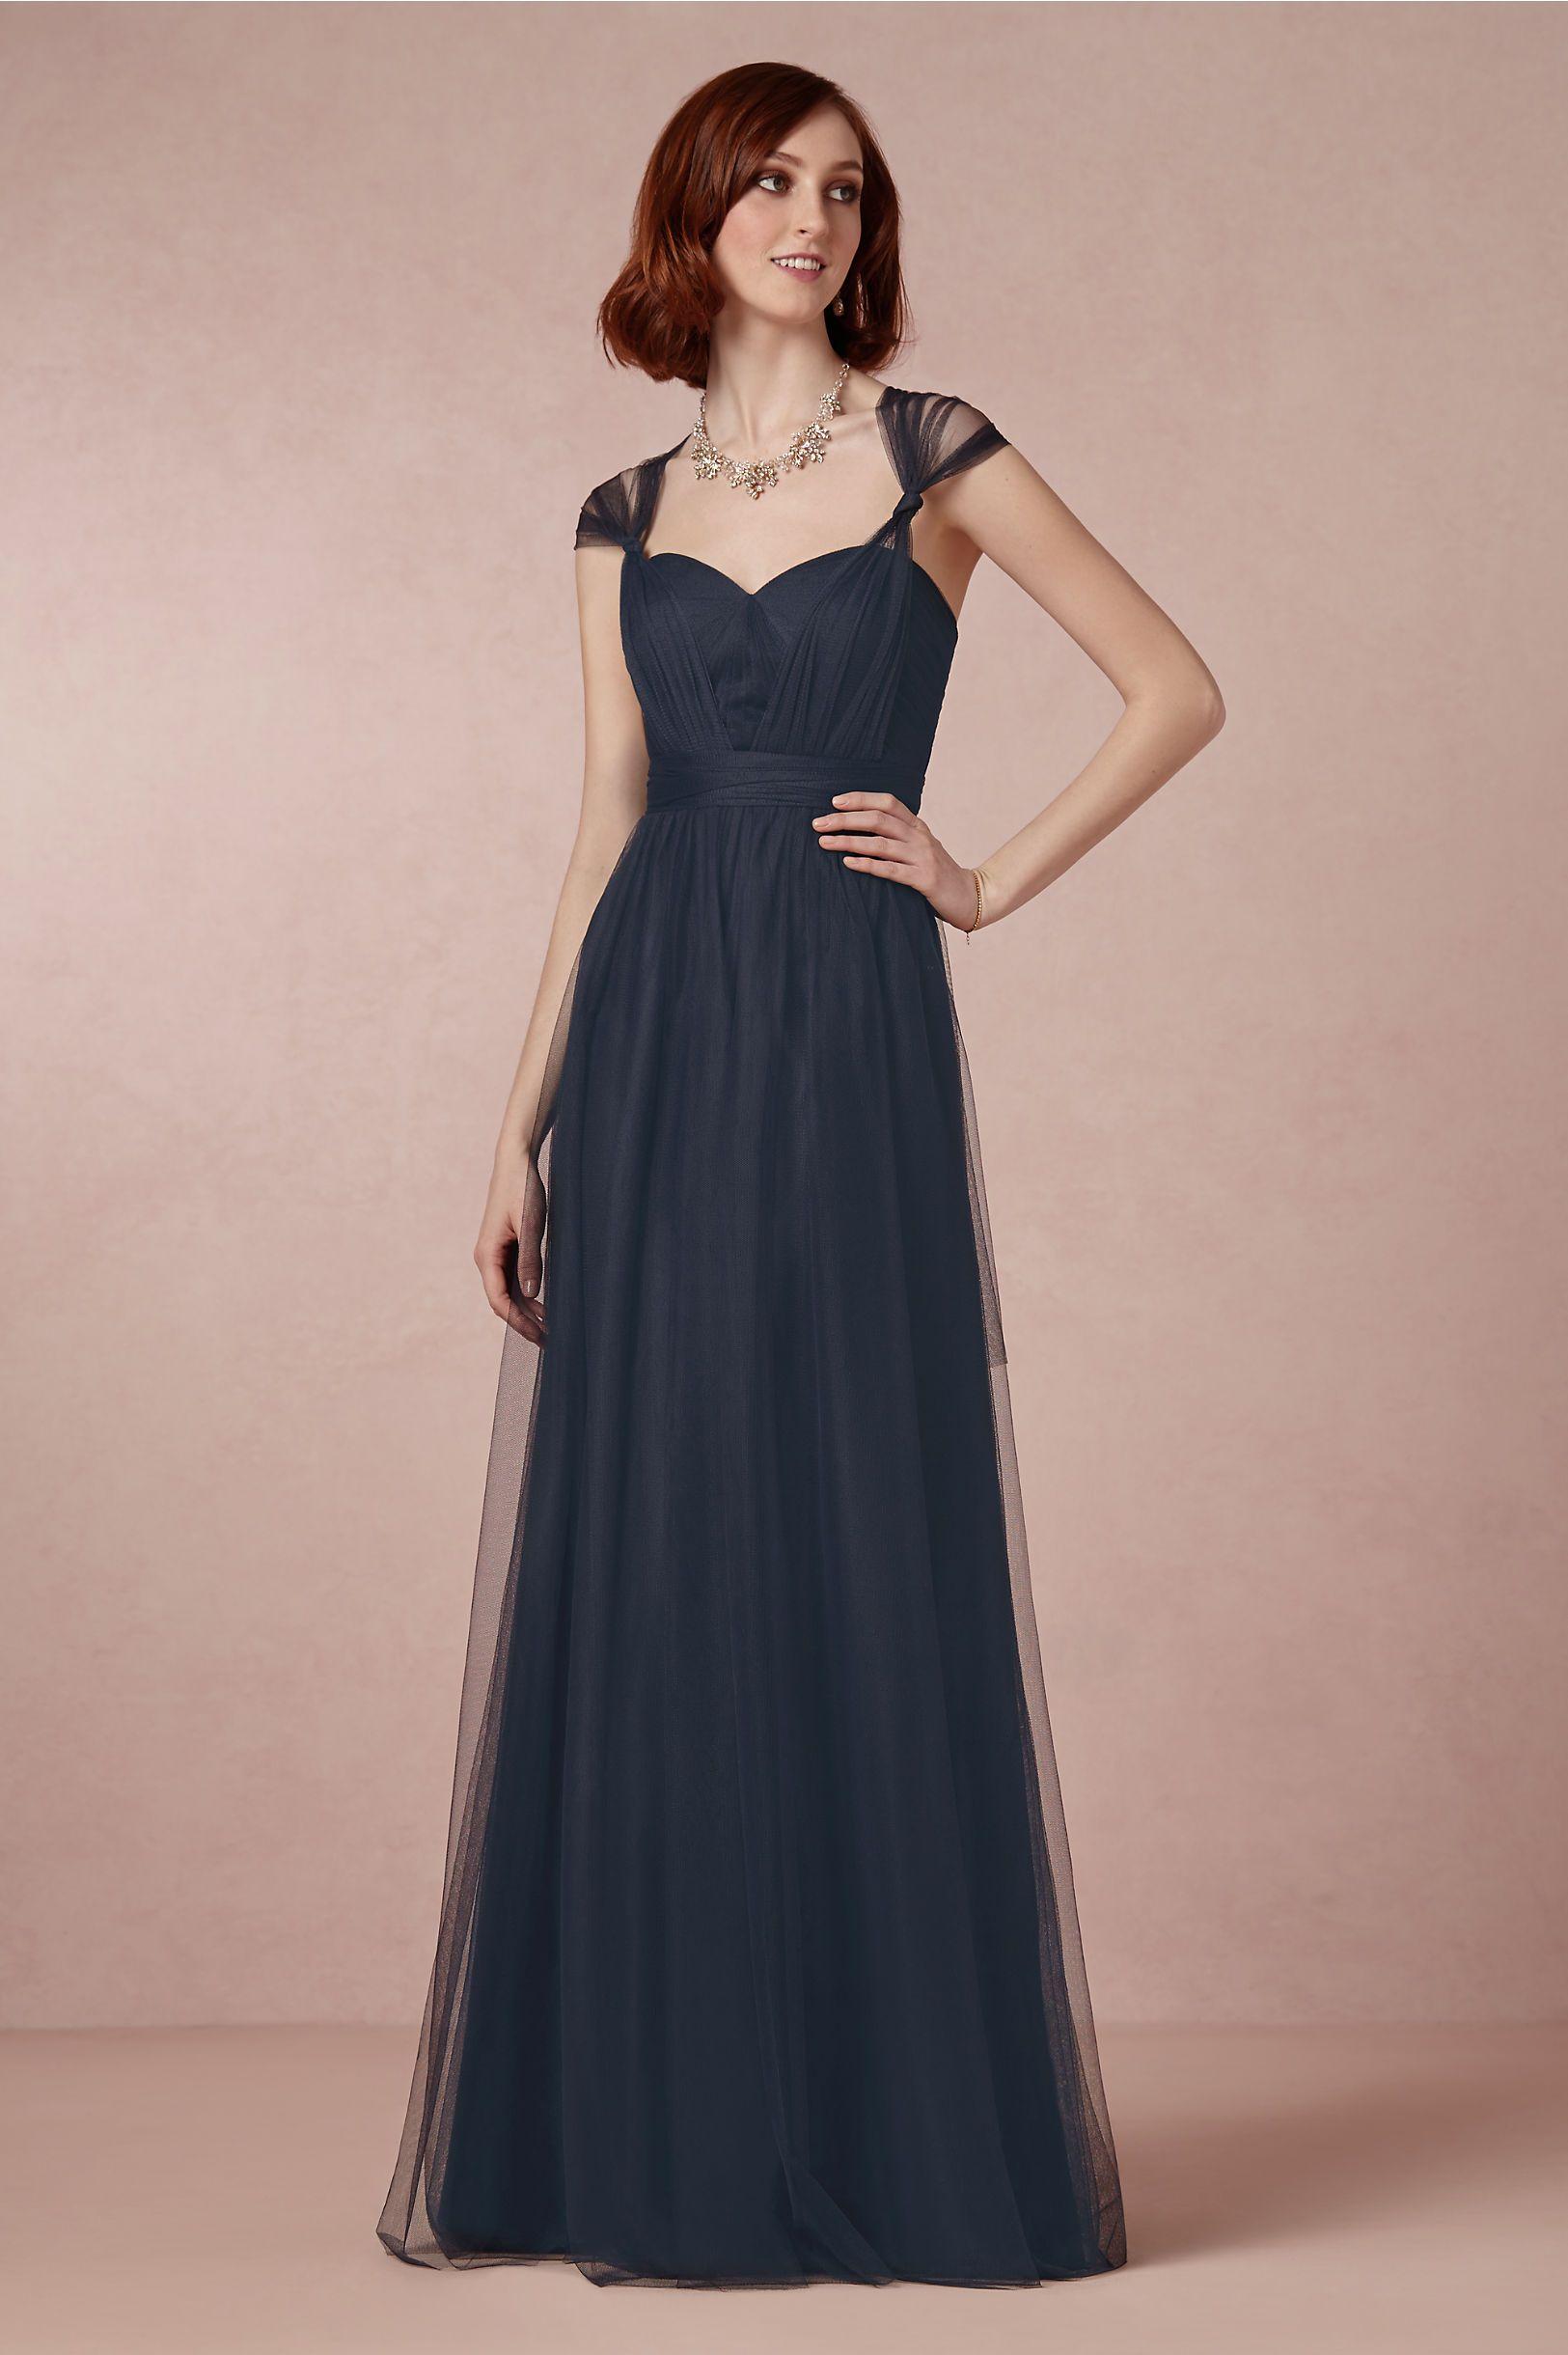 Annabelle Dress | Inspiración para boda, Damas y Blusas